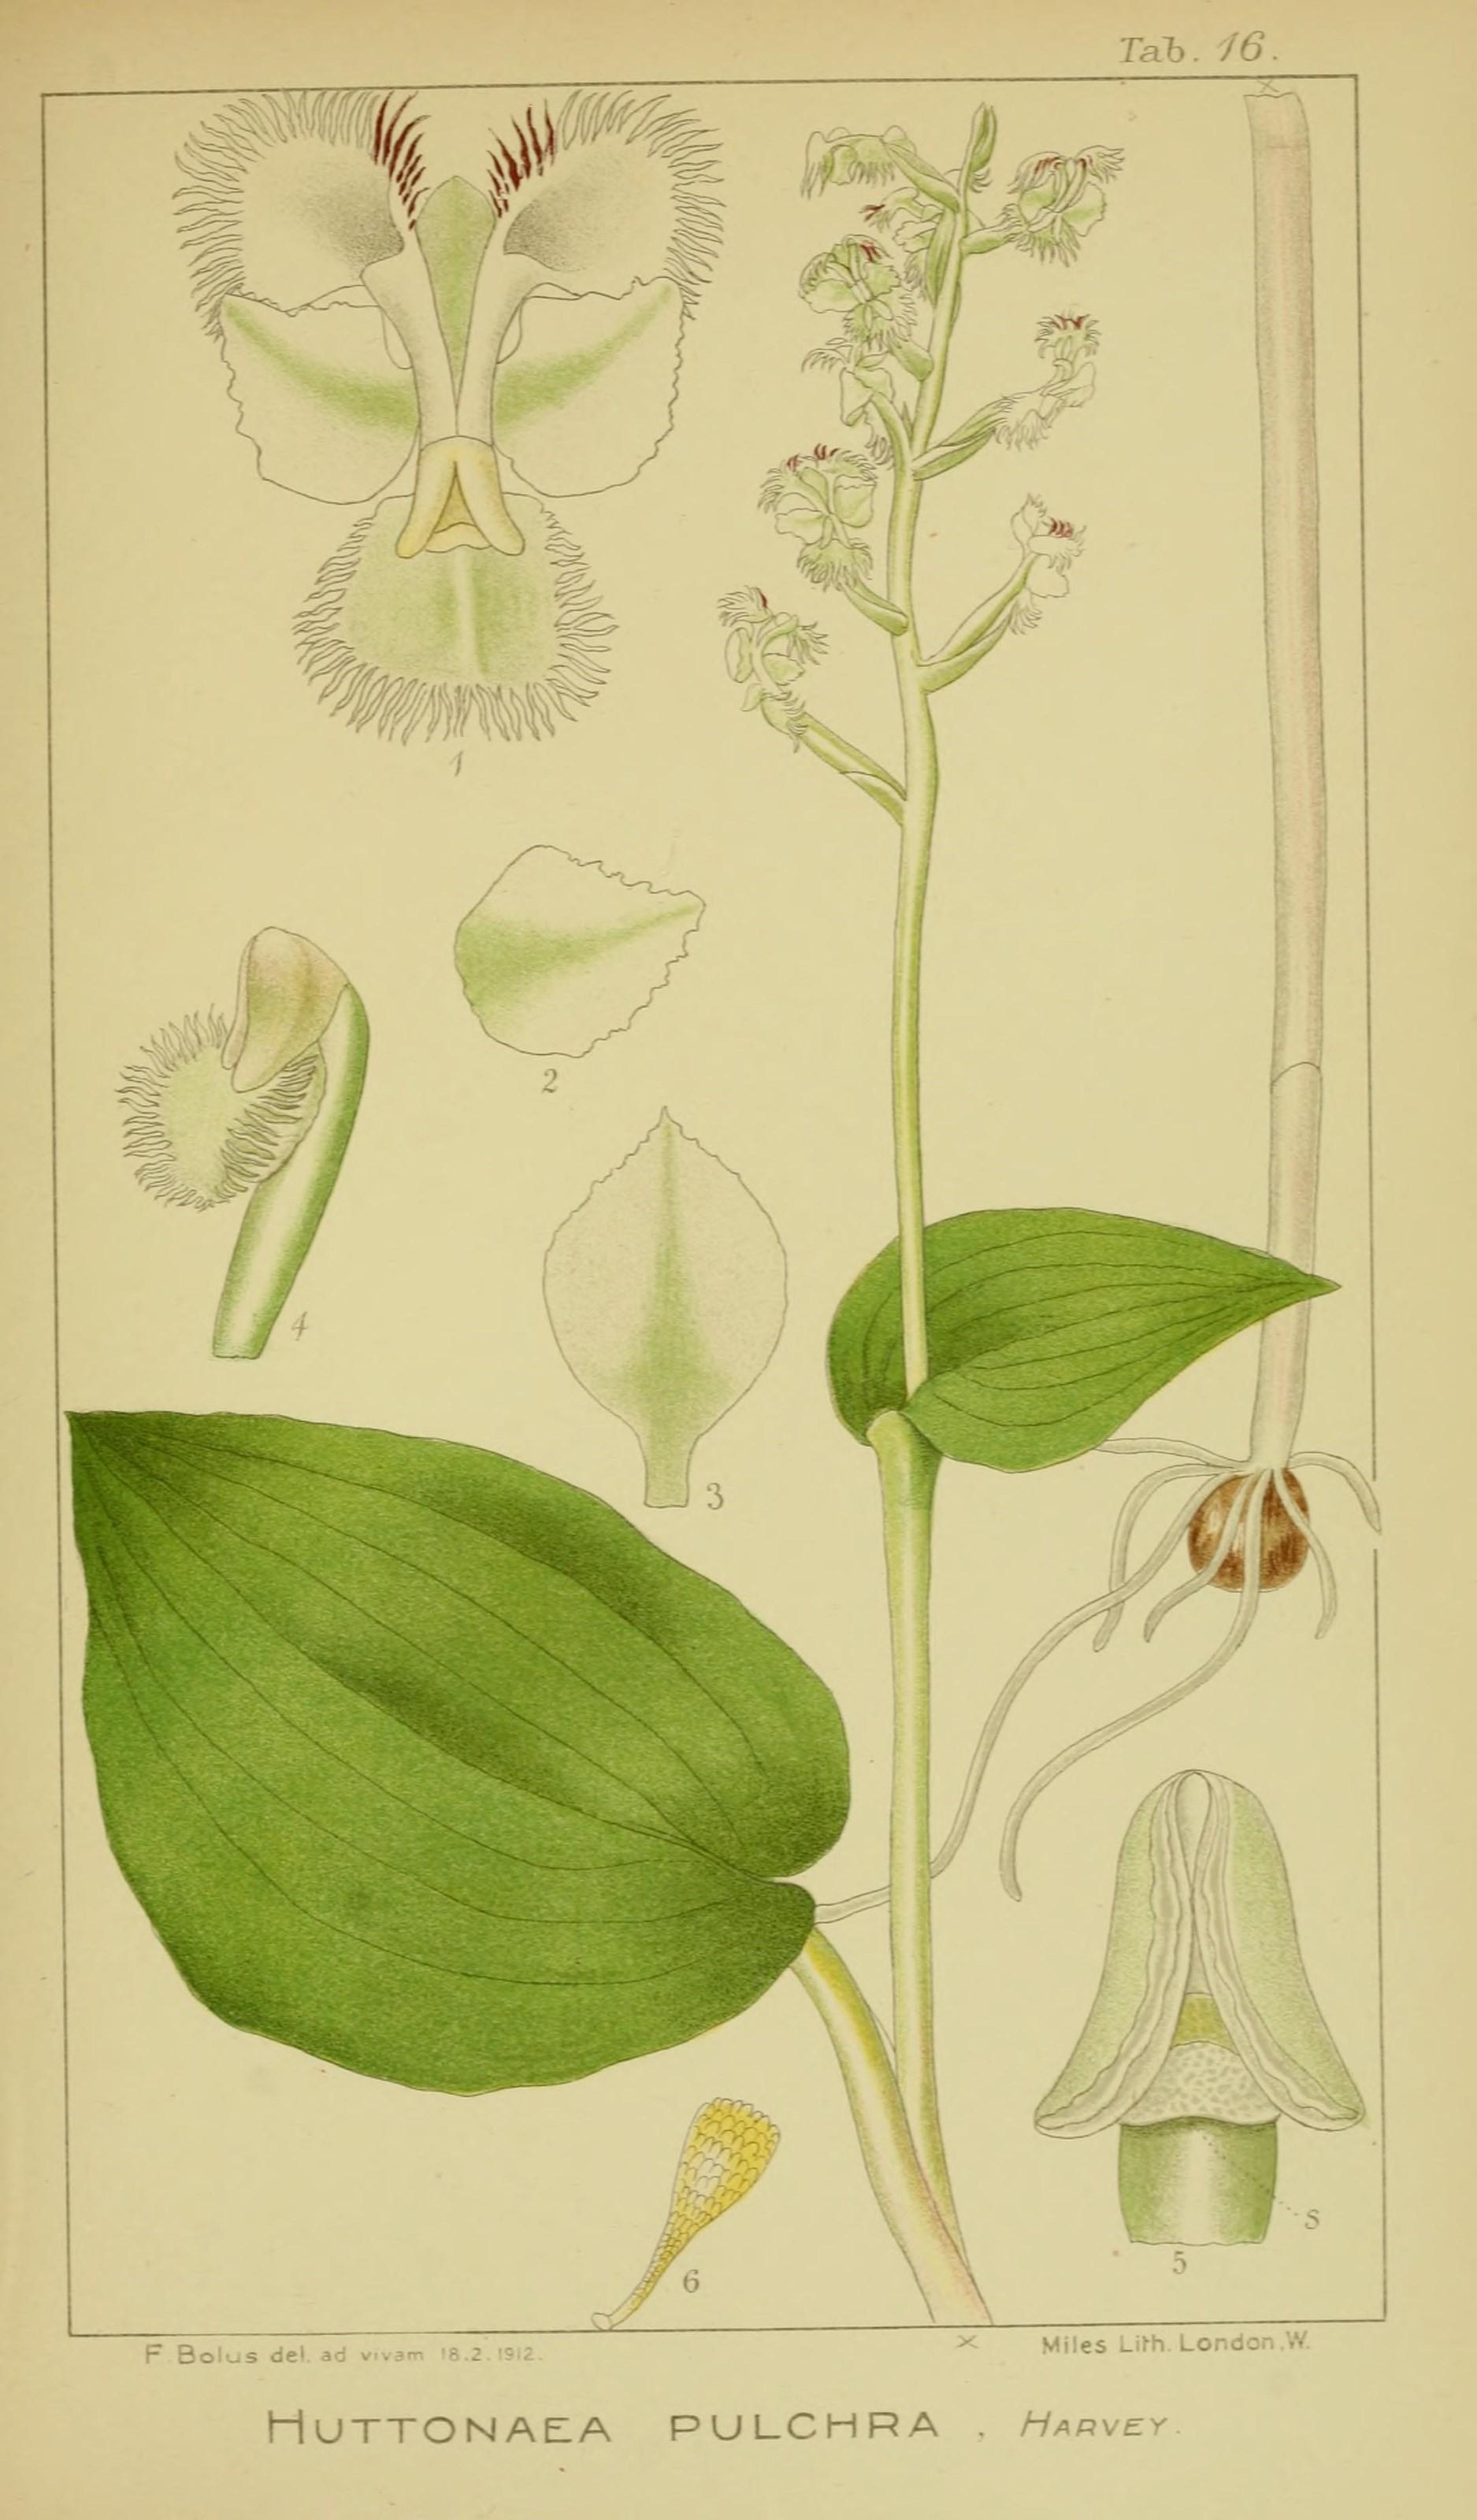 Image of Huttonaea